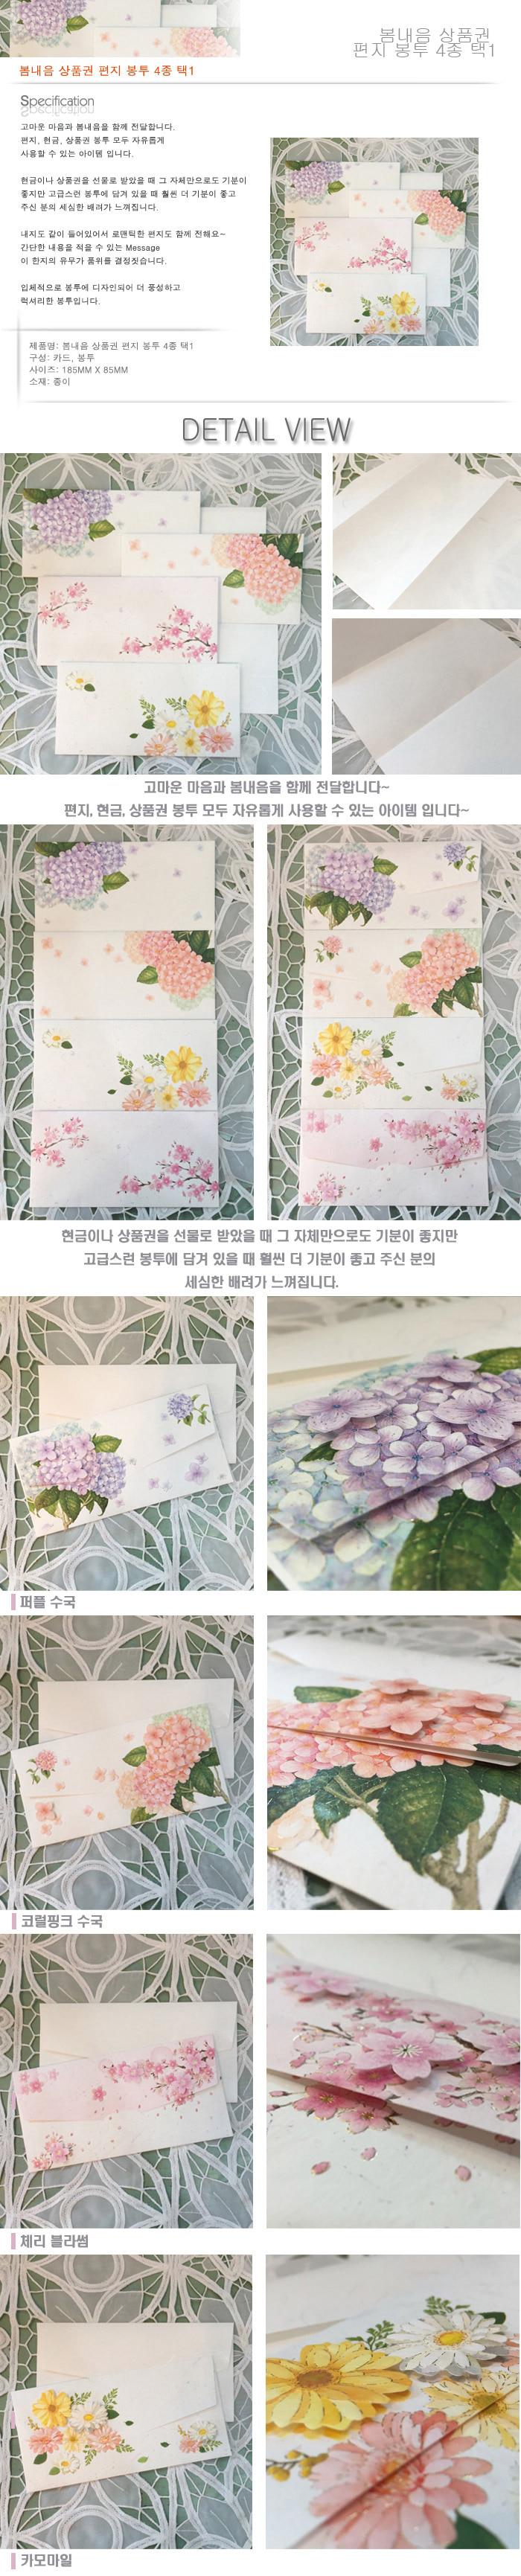 봄내음 상품권 편지 봉투 4종 택1 - 오리엔탈무드, 3,800원, 용돈봉투, 일러스트